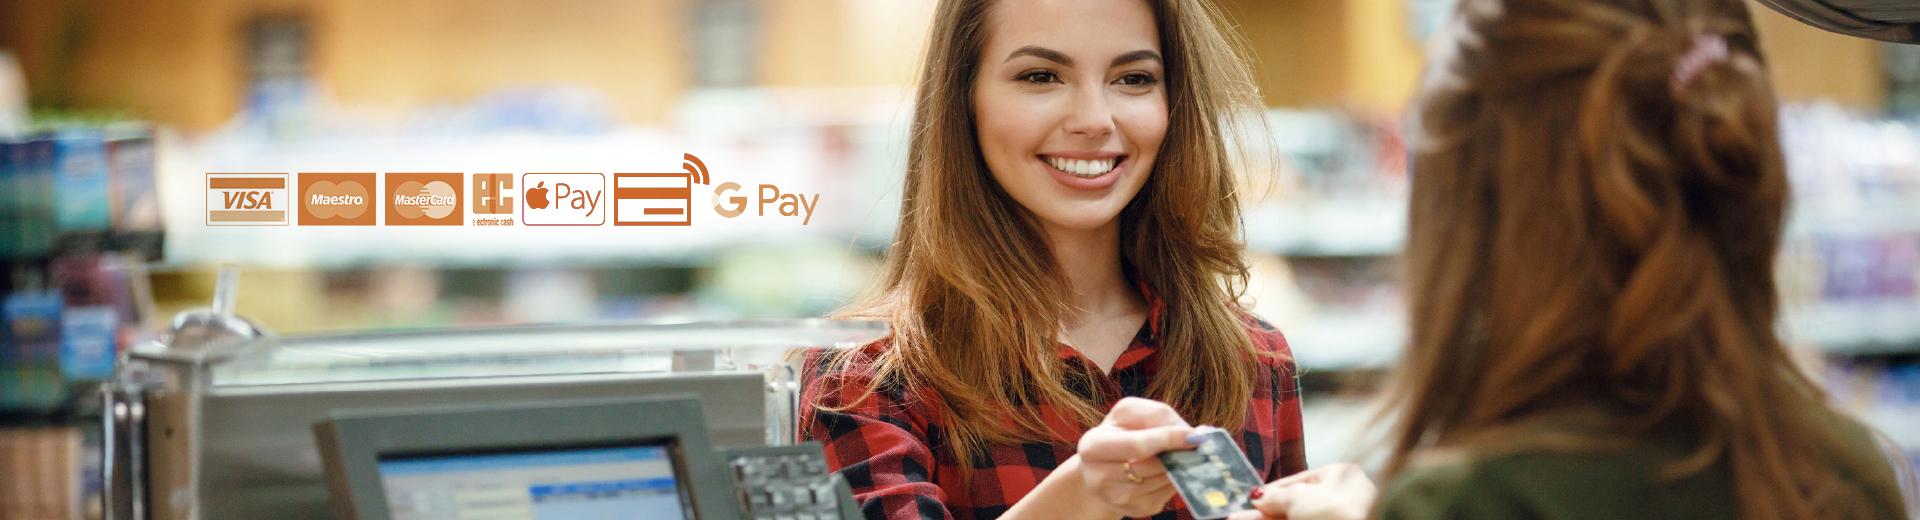 Einfach bezahlen und Geld abheben!